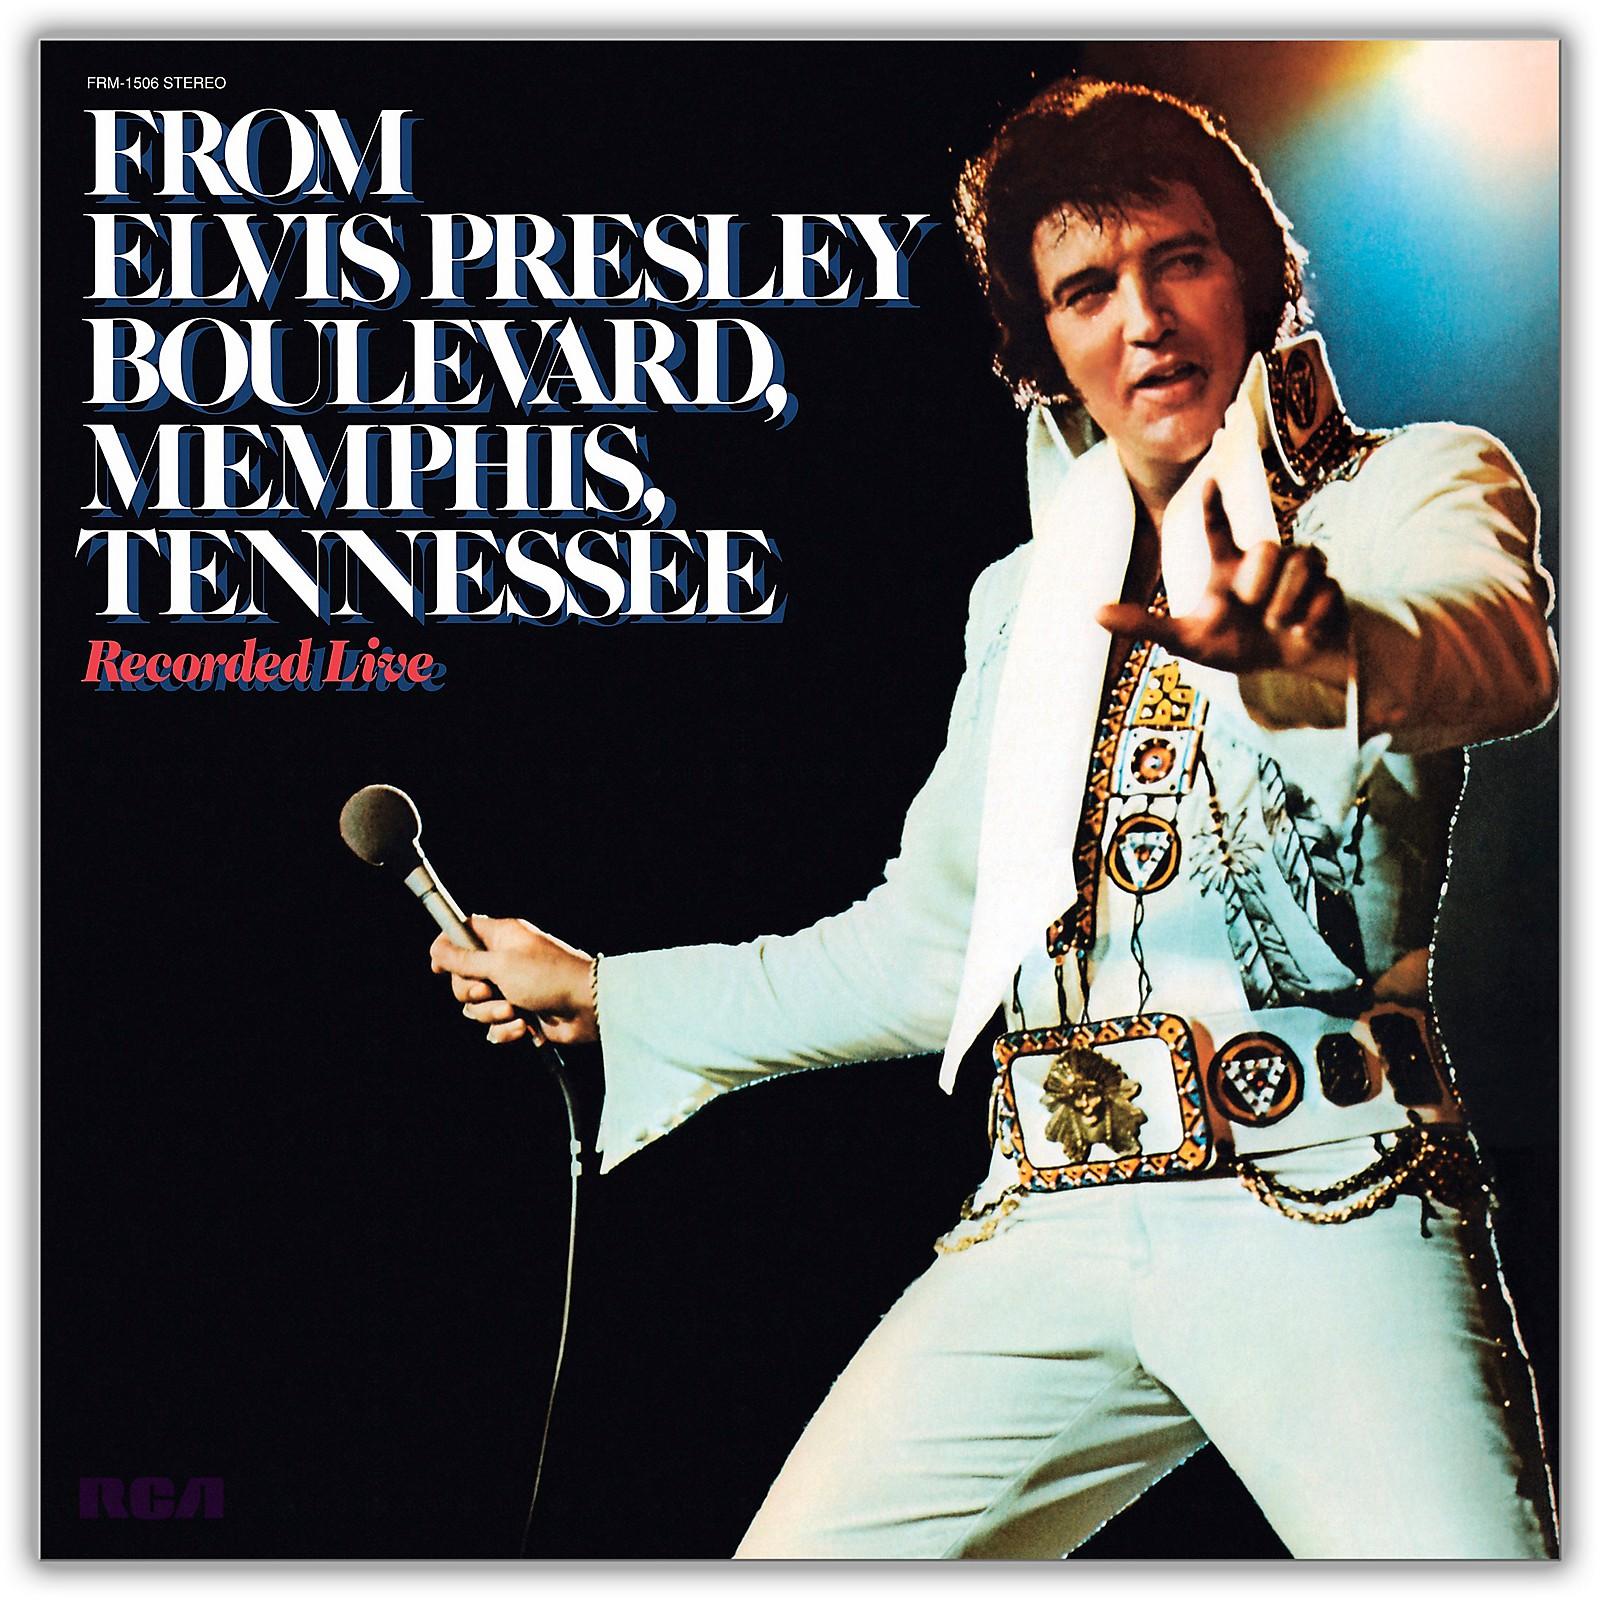 RED Elvis Presley - From Elvis Presley Boulevard, Memphis, Tennessee